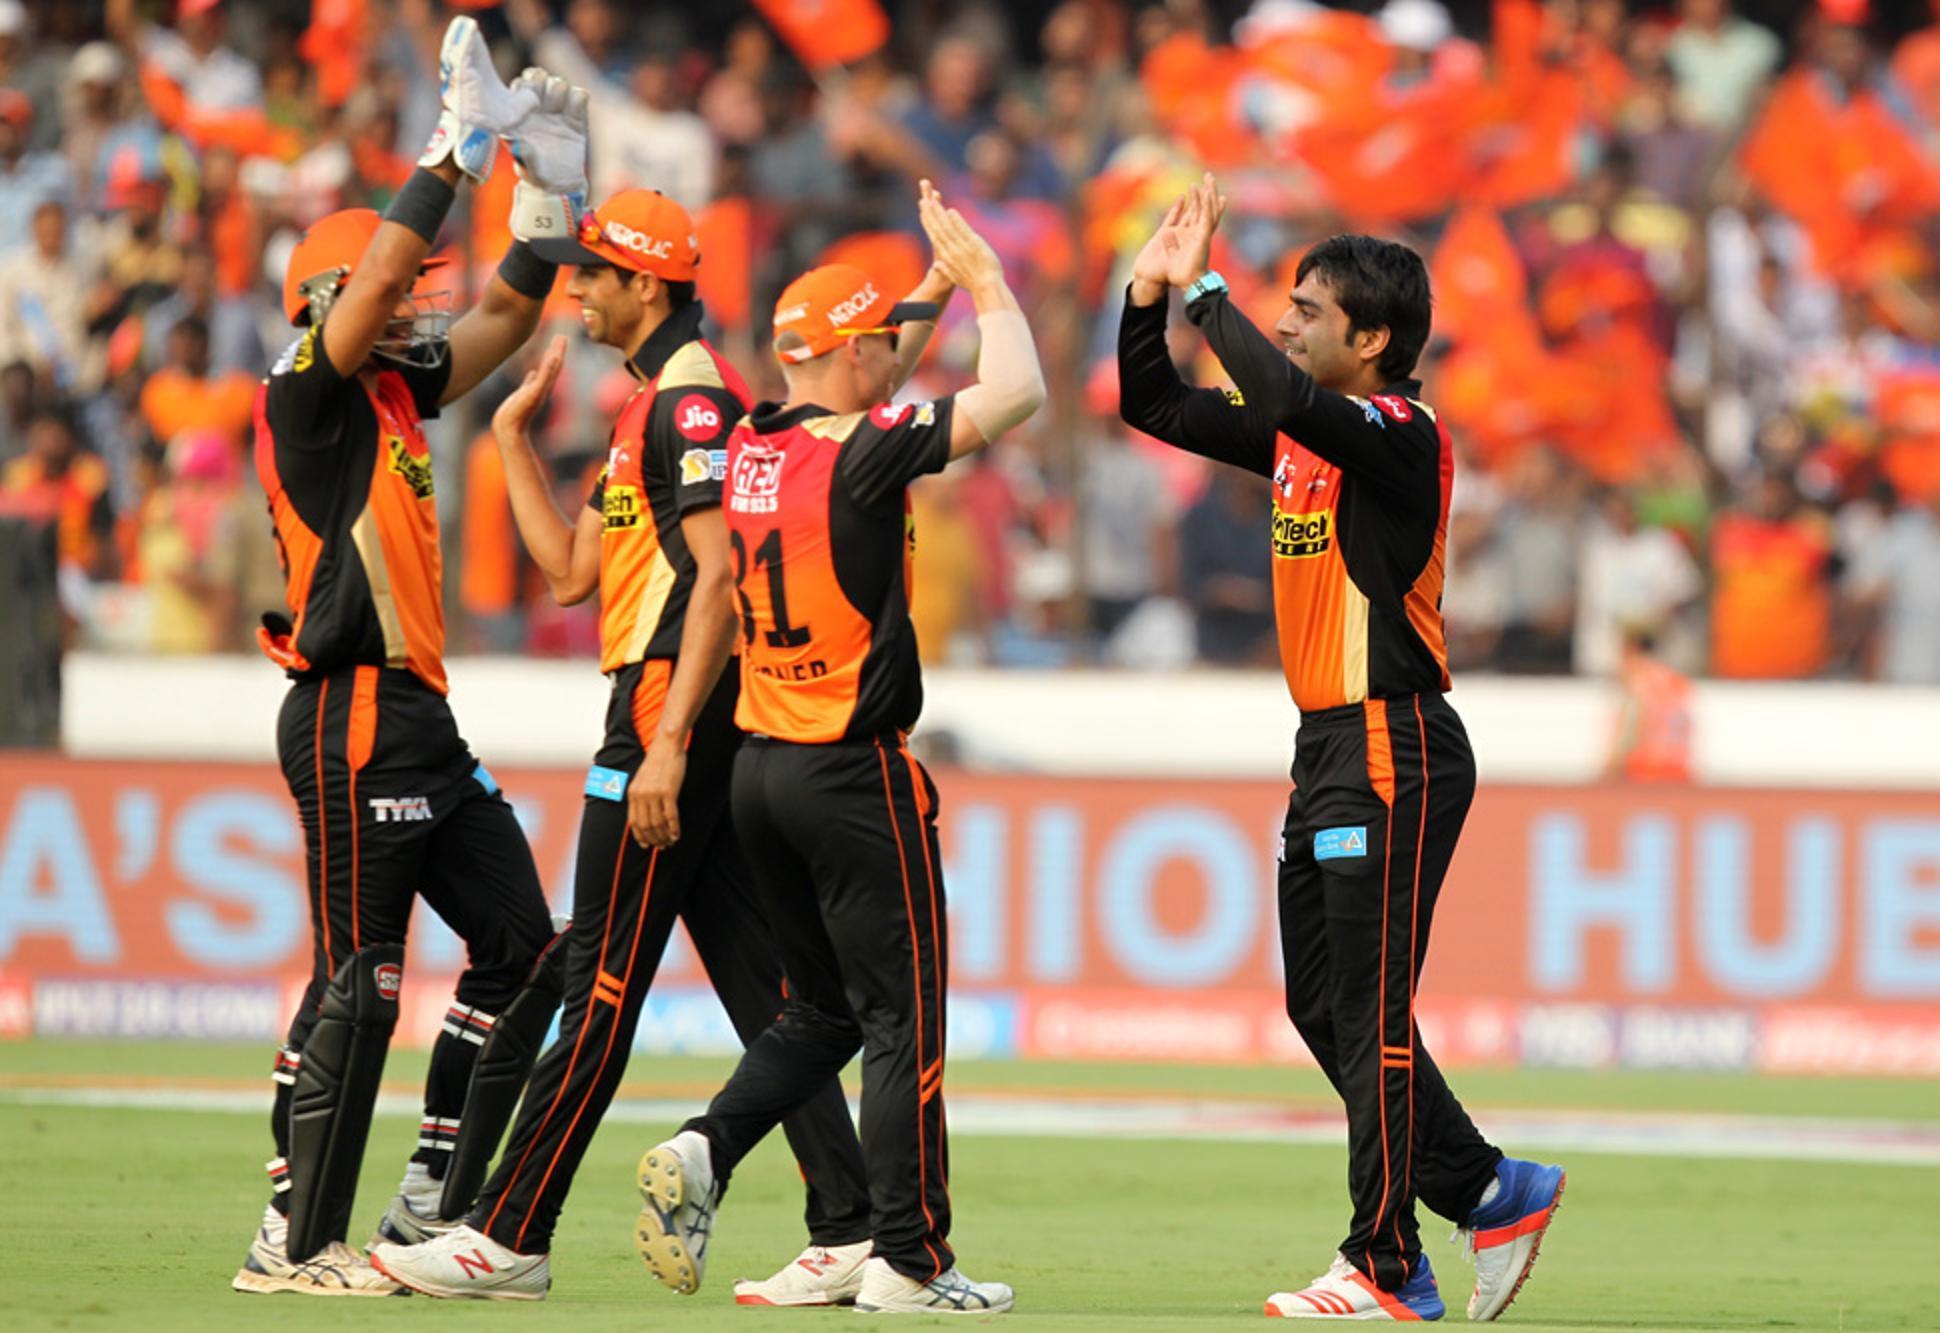 SRH V GL: दो मैचों में केवल एक ही विकेट हासिल कर पाने वाली गुजरात लायंस का लोगों ने जमकर उड़ाया मज़ाक 1